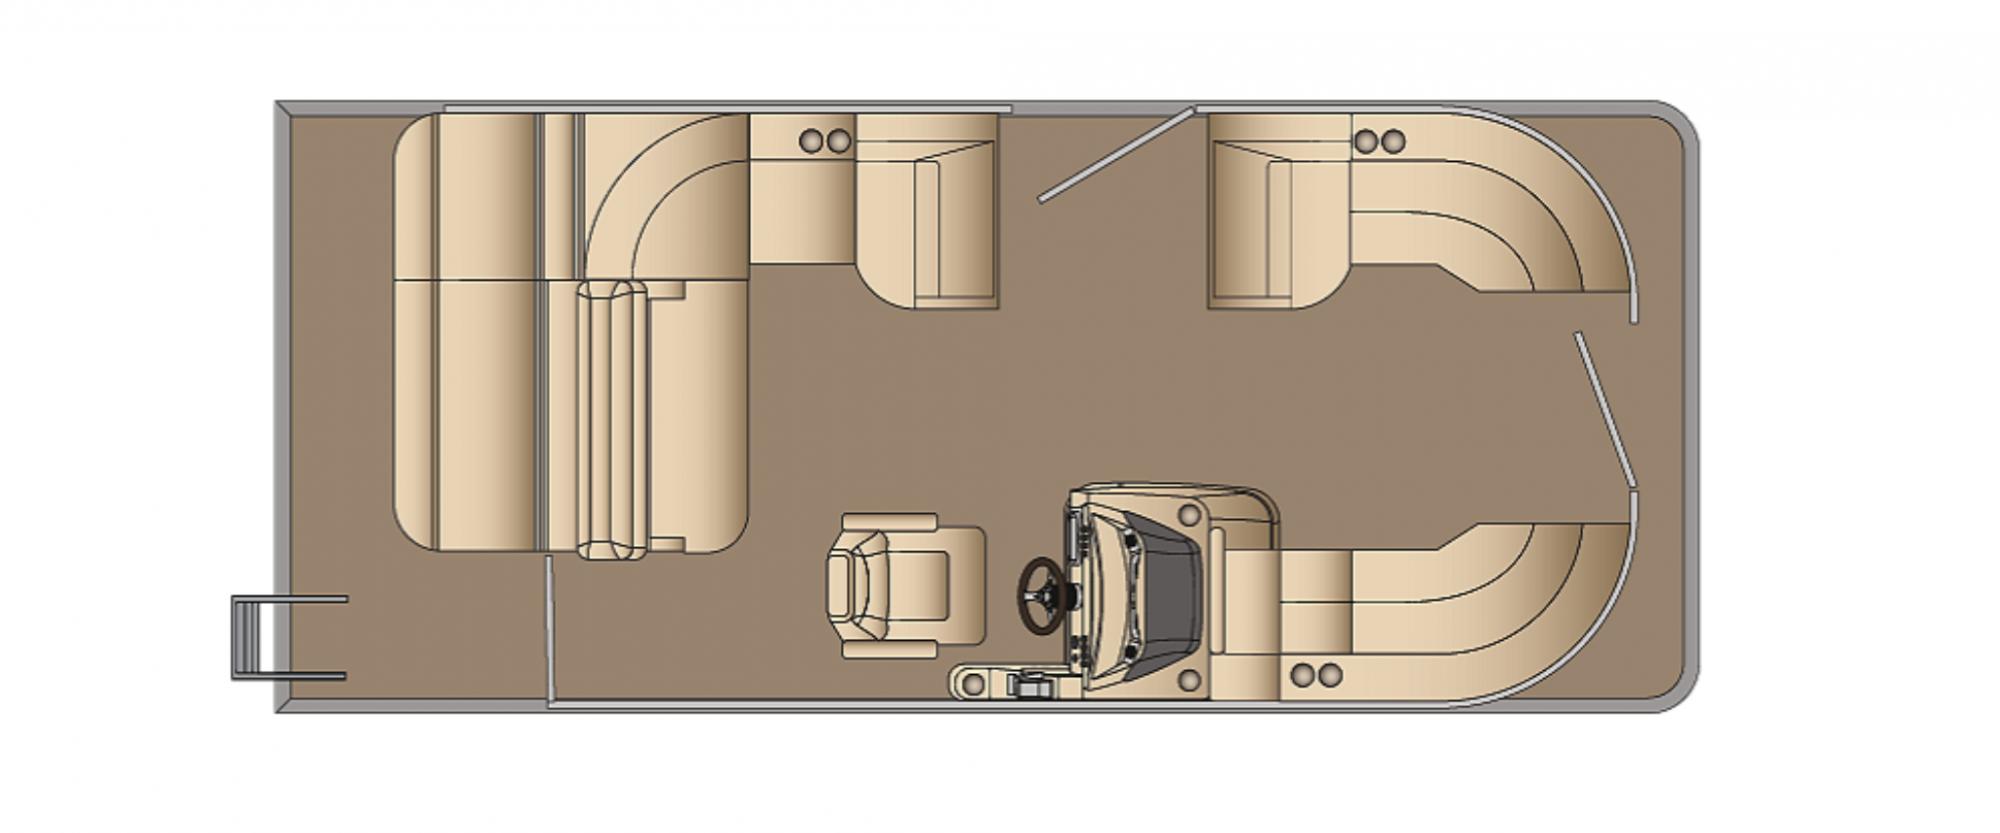 Harris Cruiser 210 - cruisersl